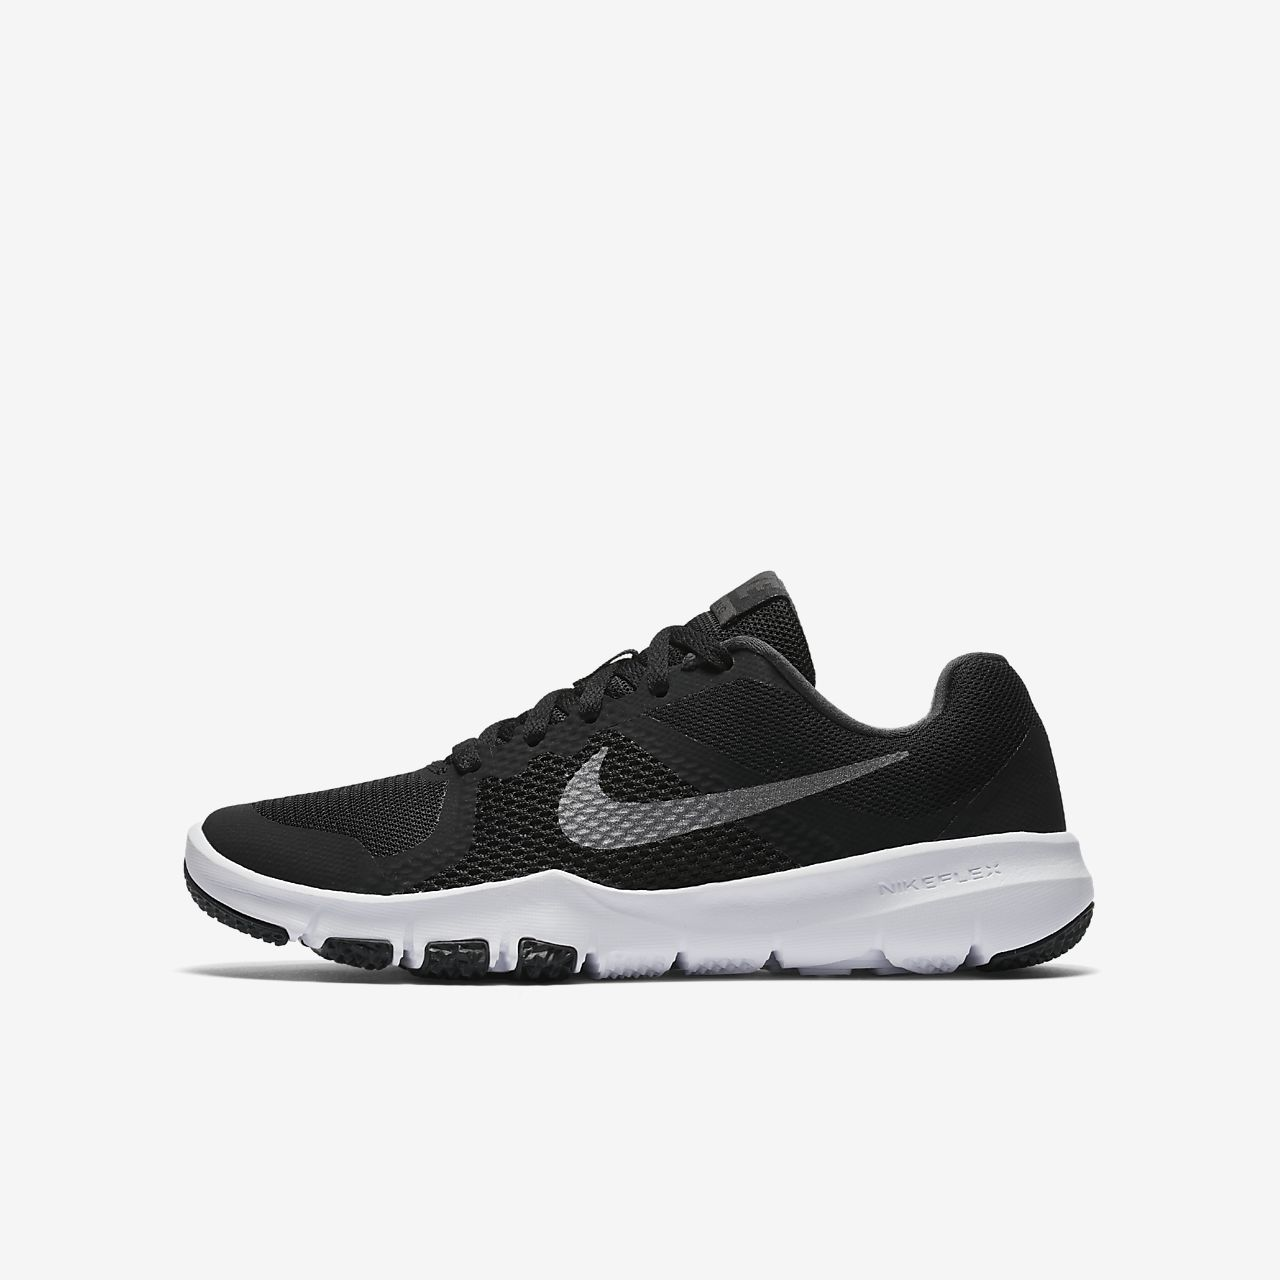 ... Nike Flex TR Control Zapatillas de entrenamiento - Niño/a y niño/a  pequeño/